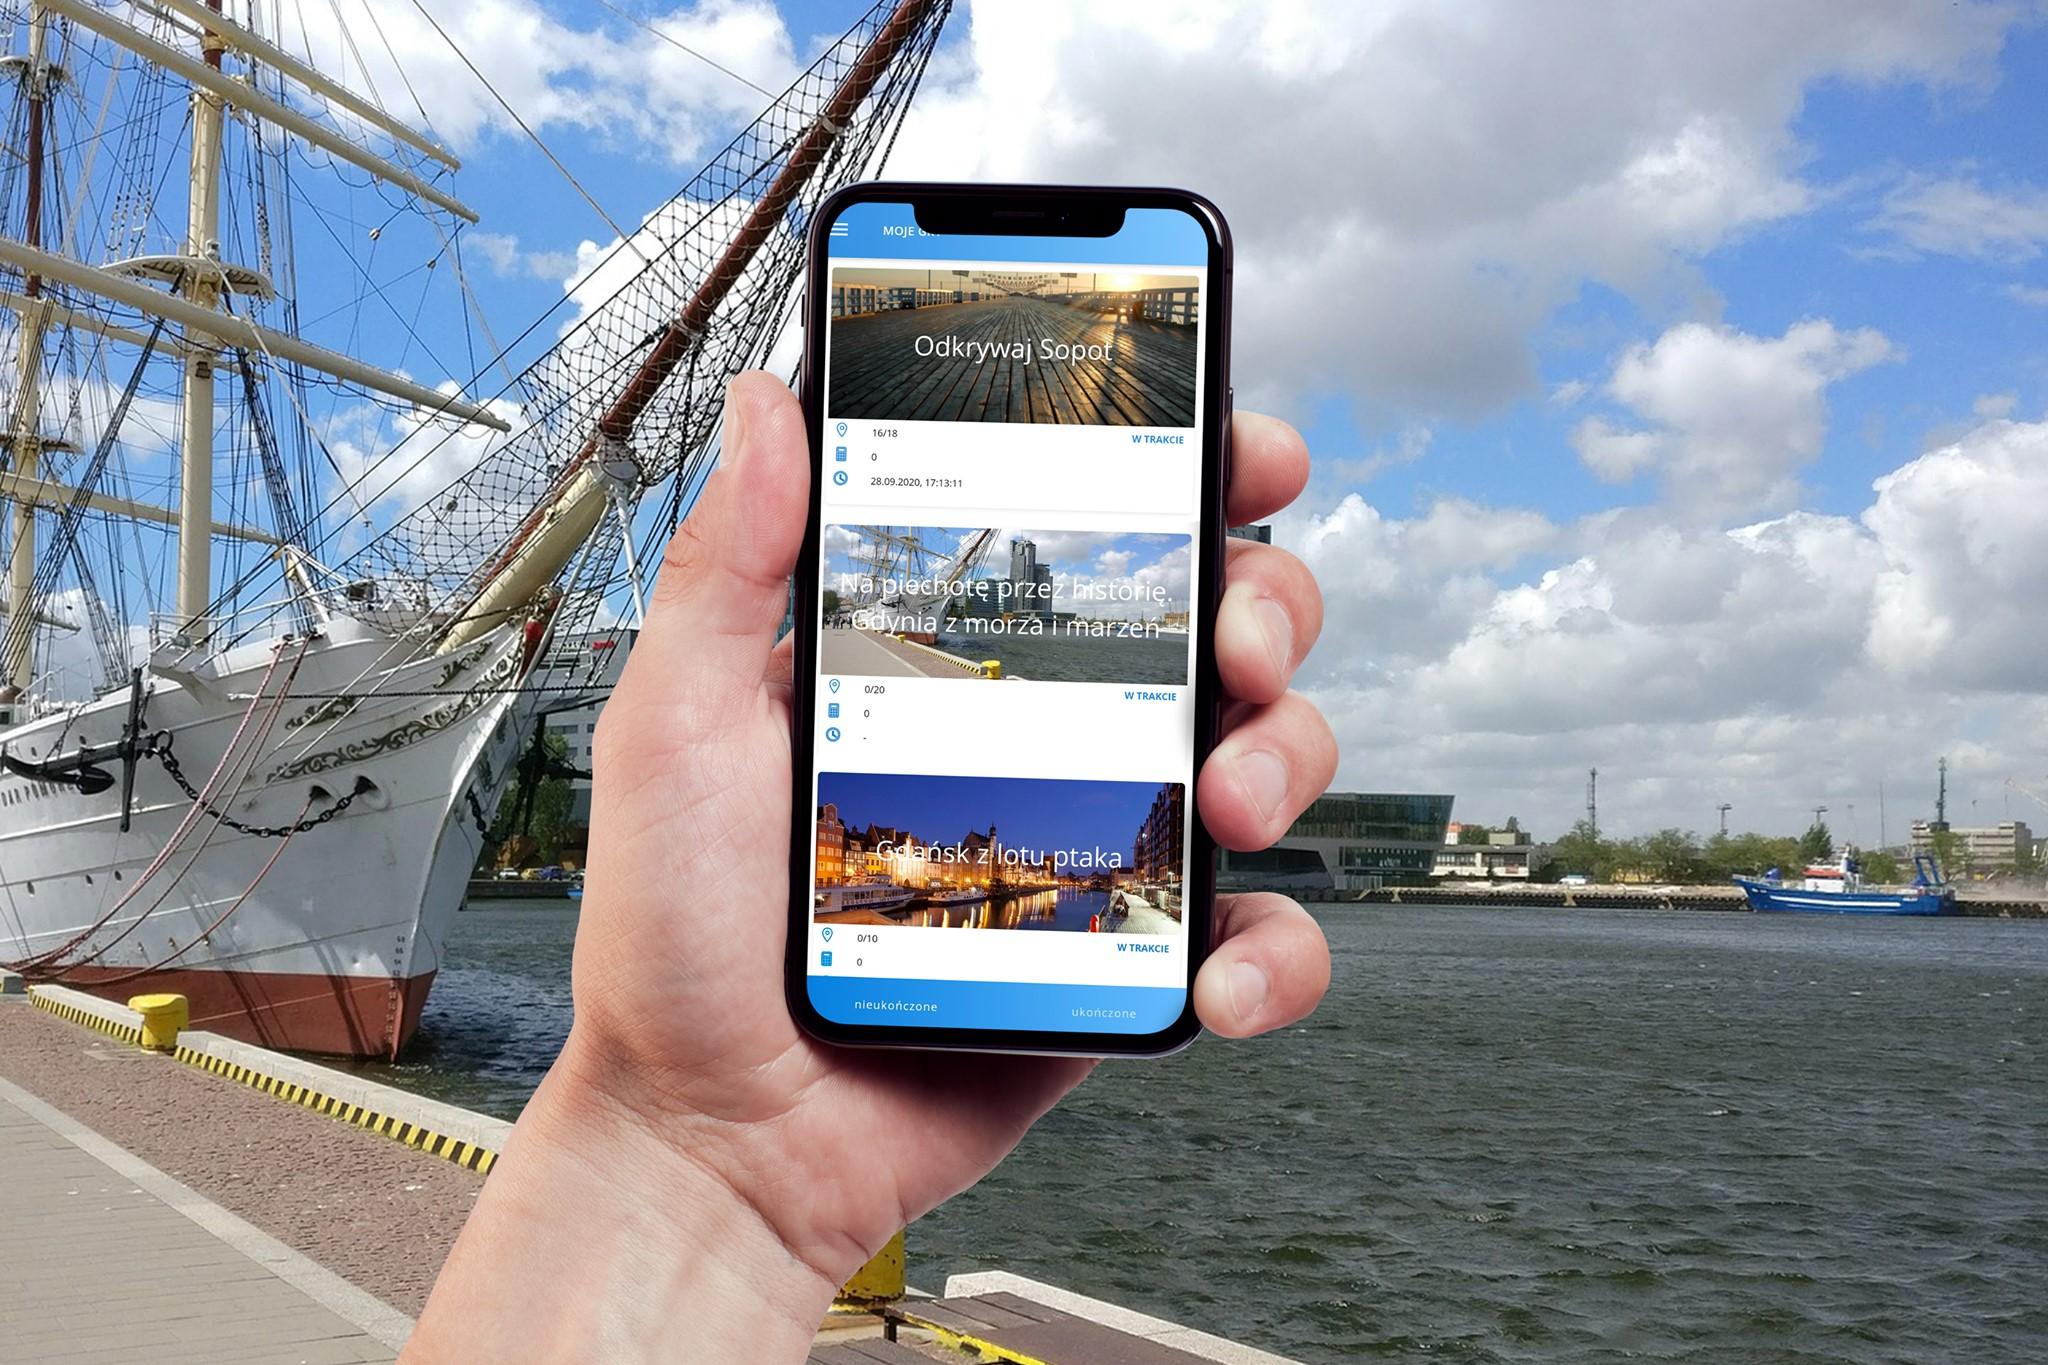 Zdjęcie ilustrujące aplikację Tropiciel na ekranie smartfona